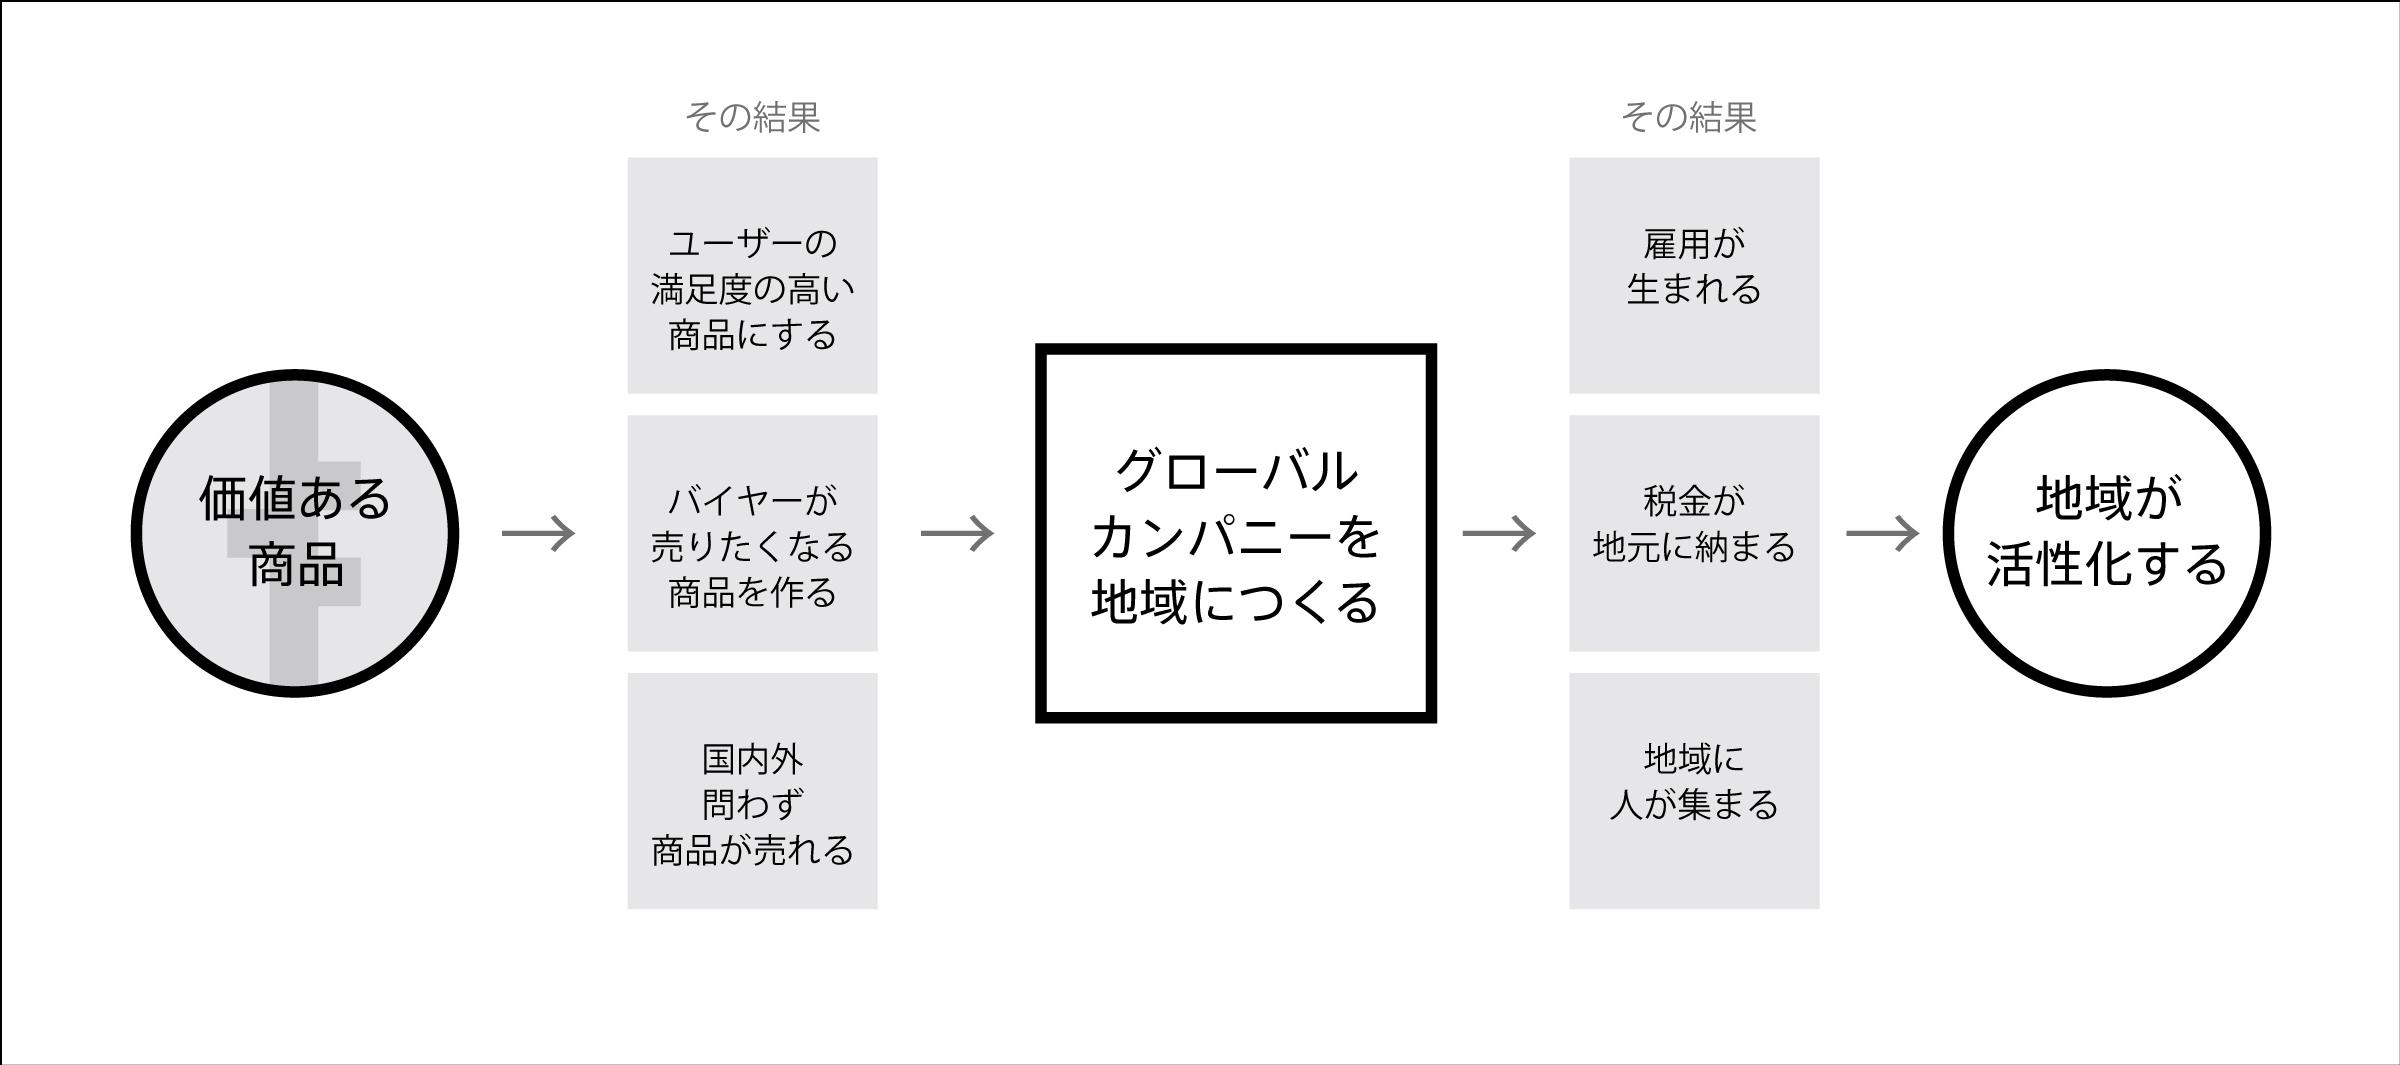 ふるさとグローバルプロデューサー応募用紙05